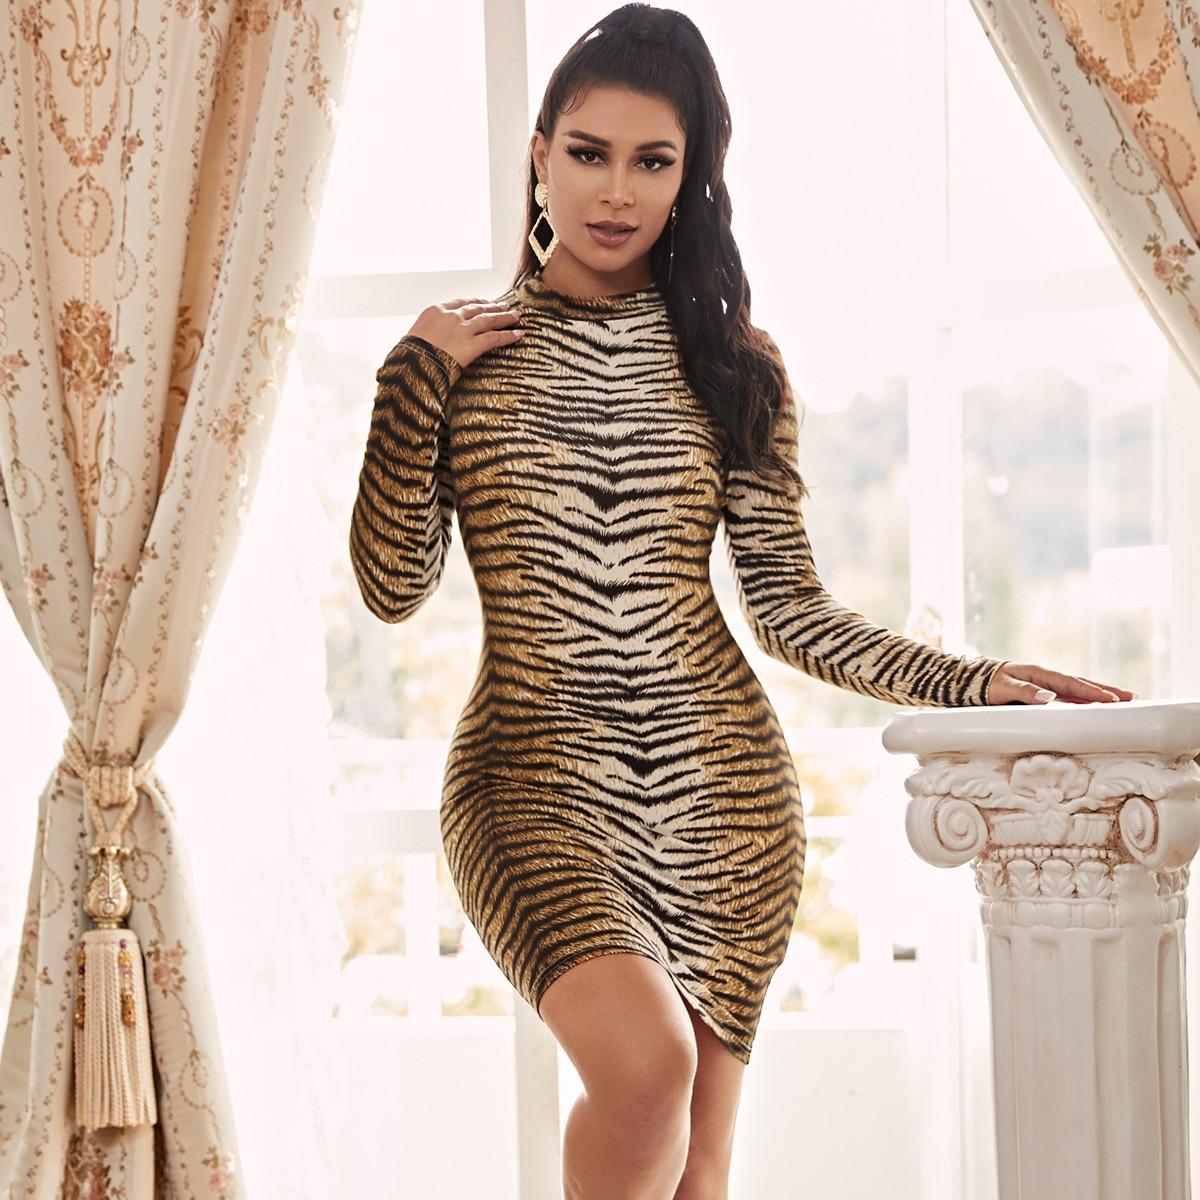 Облегающее платье с тигровым узором